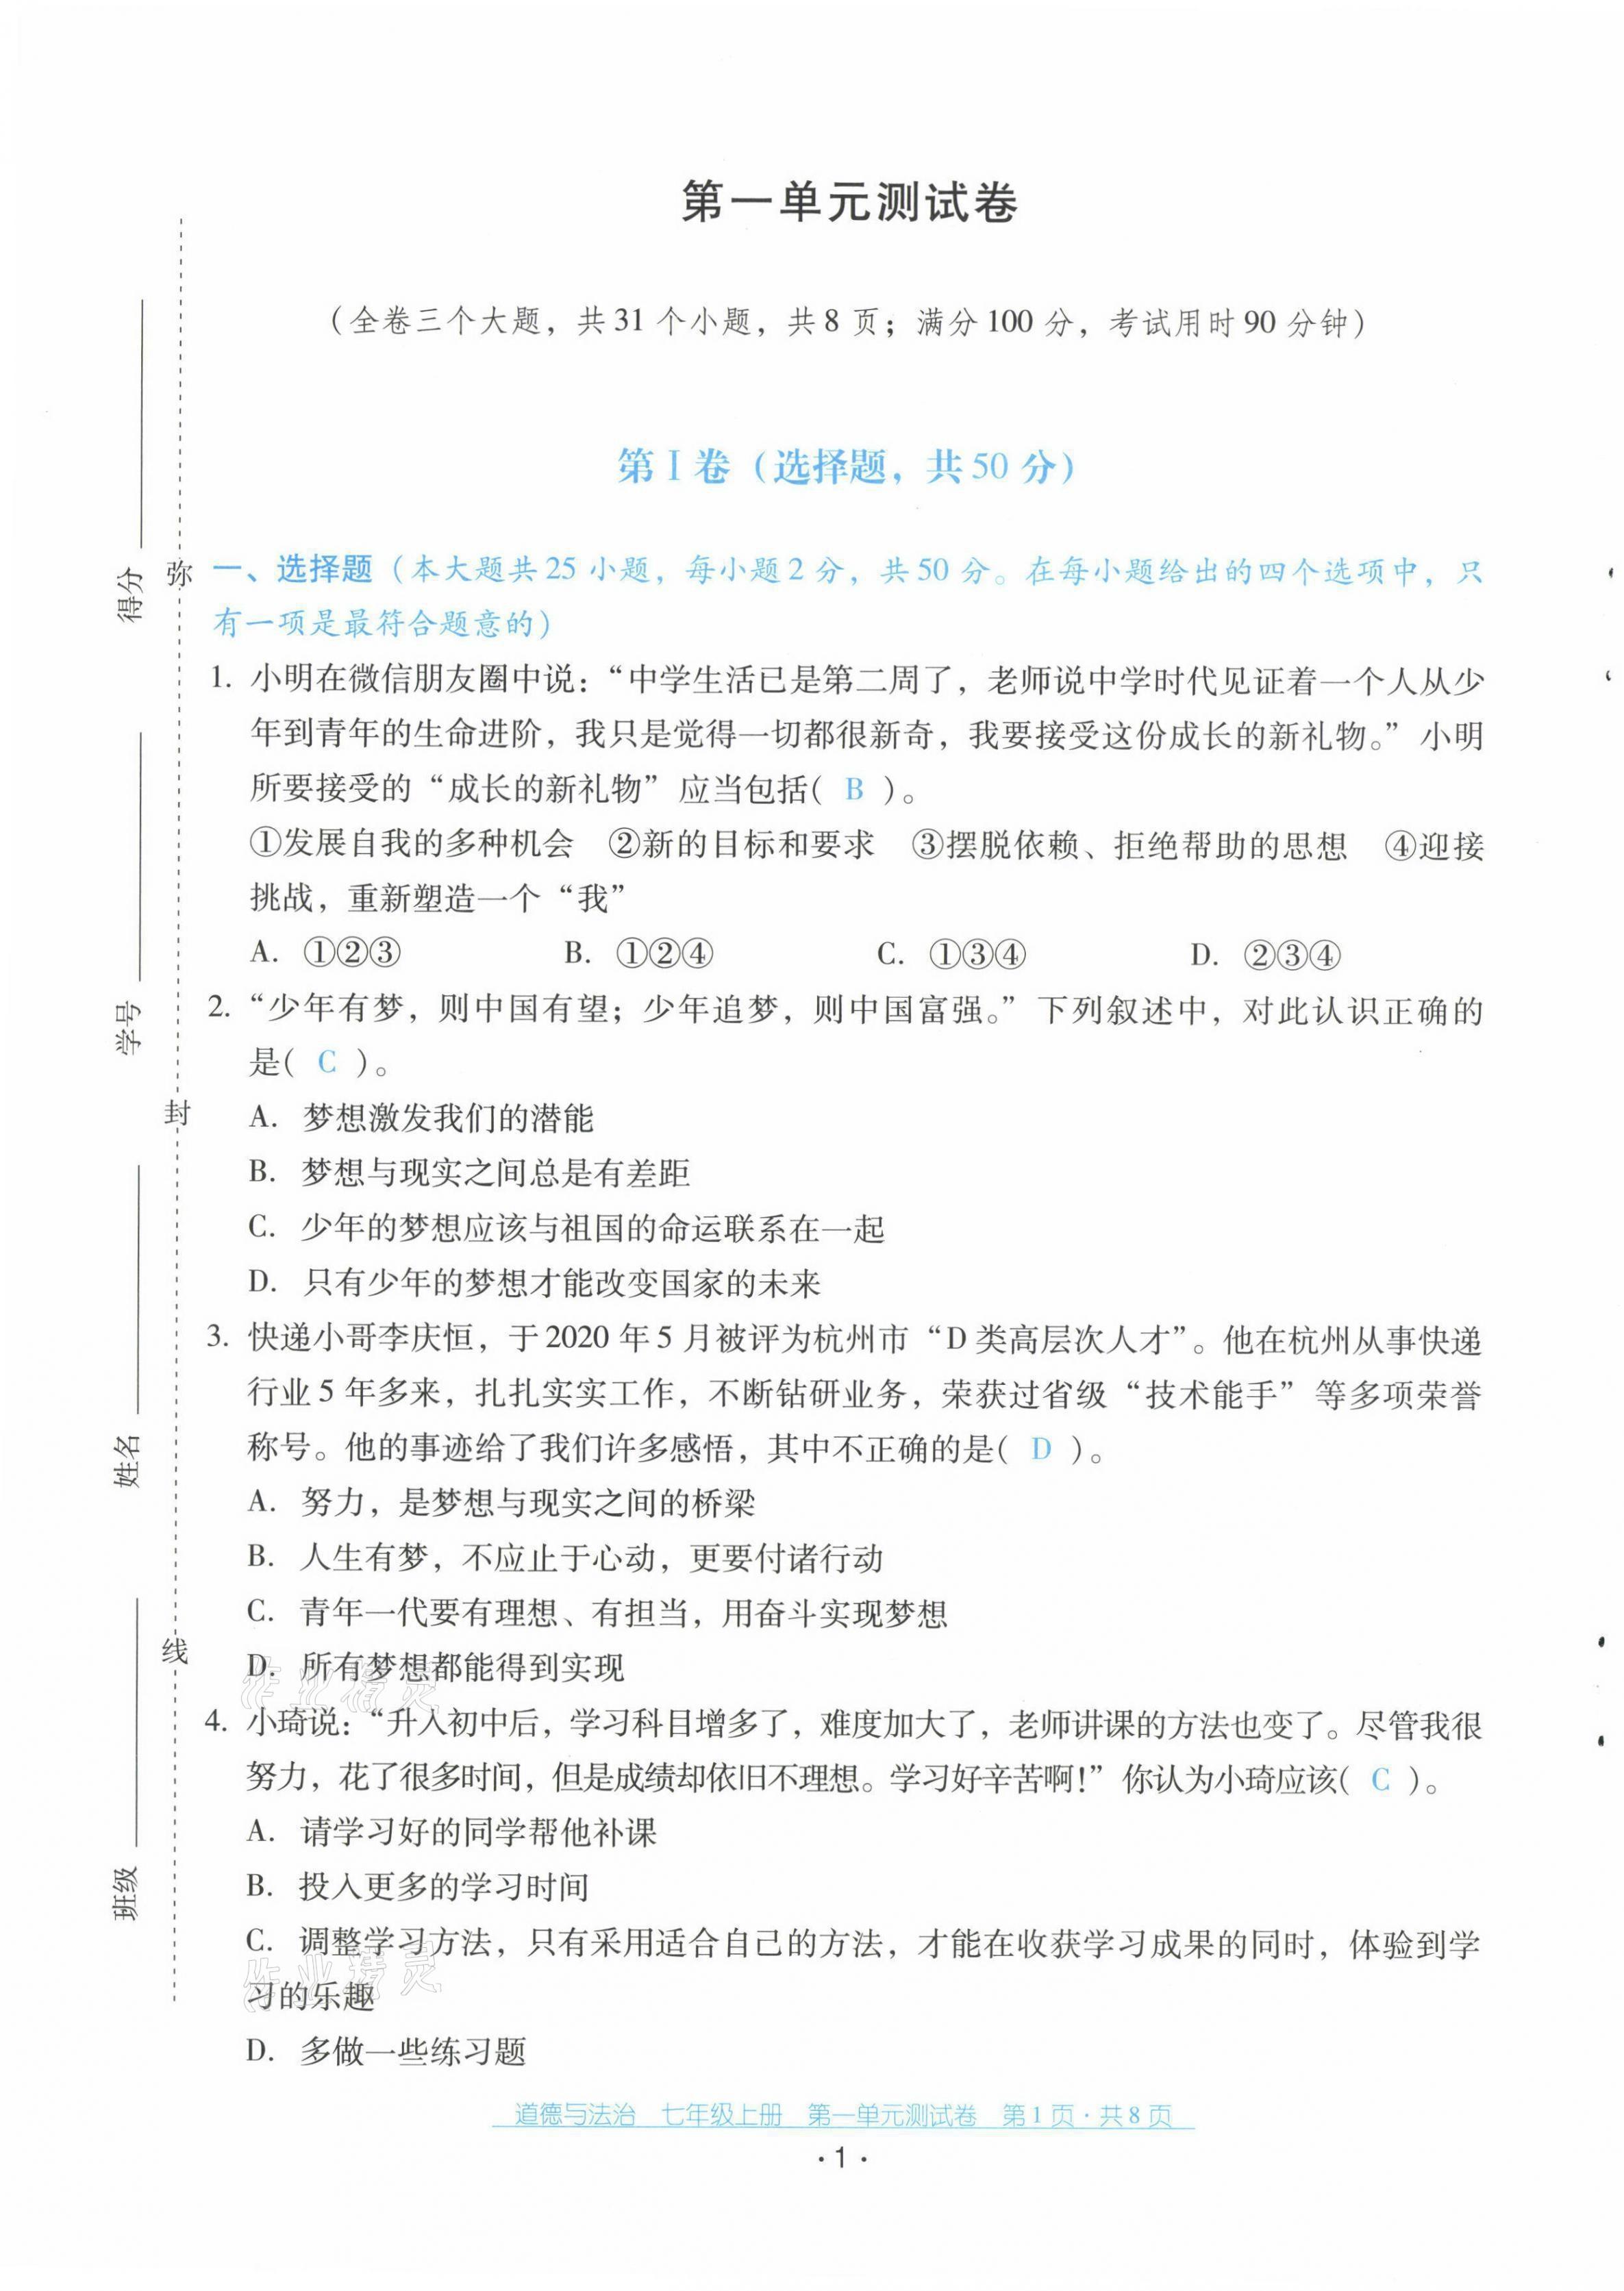 2021年云南省标准教辅优佳学案配套测试卷七年级道德与法治上册人教版第1页